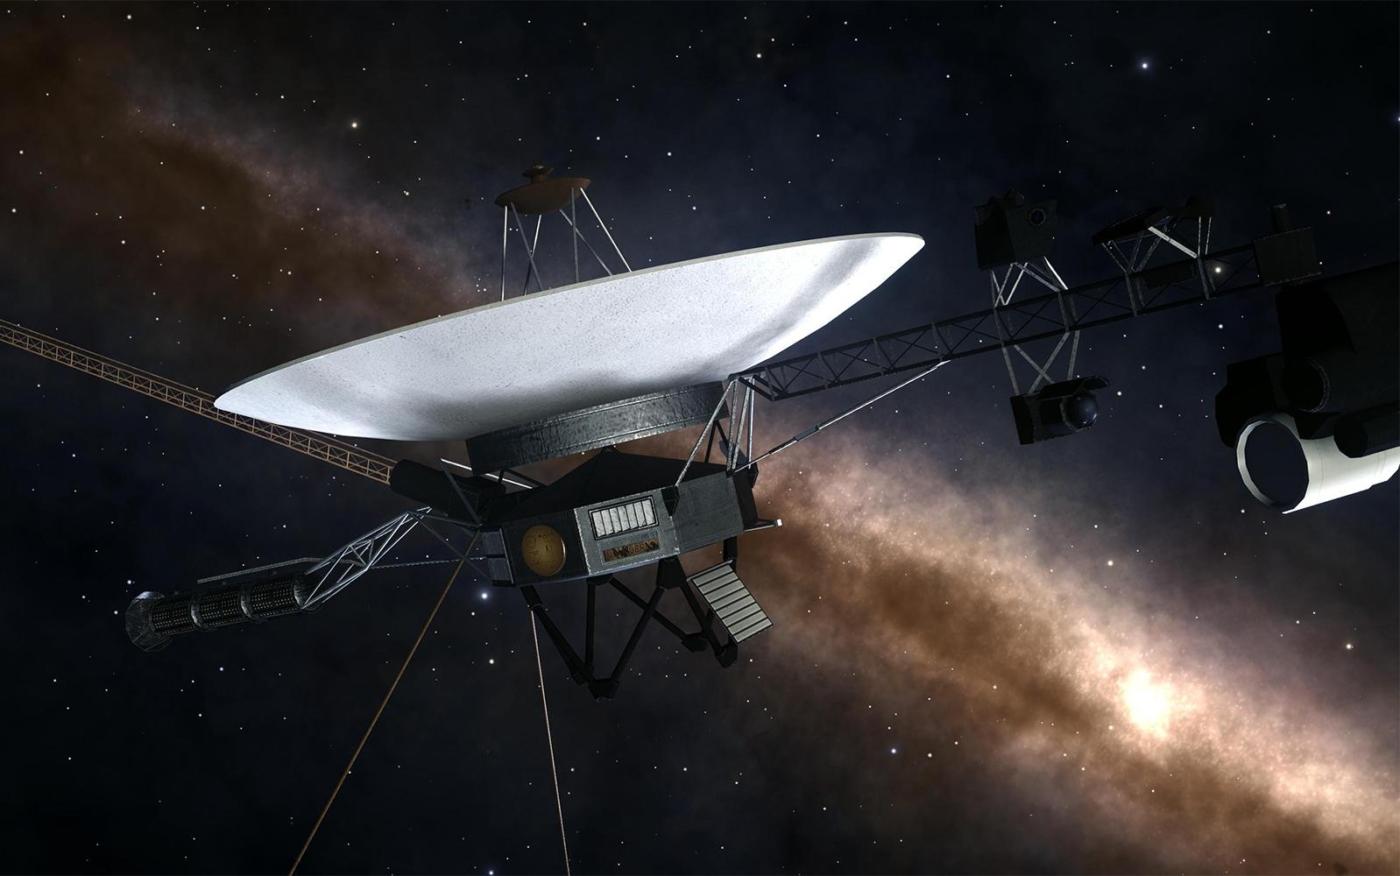 Voyager 2 за 43 года пролетел около 35 миллиардов километров: поговорим о его достижениях